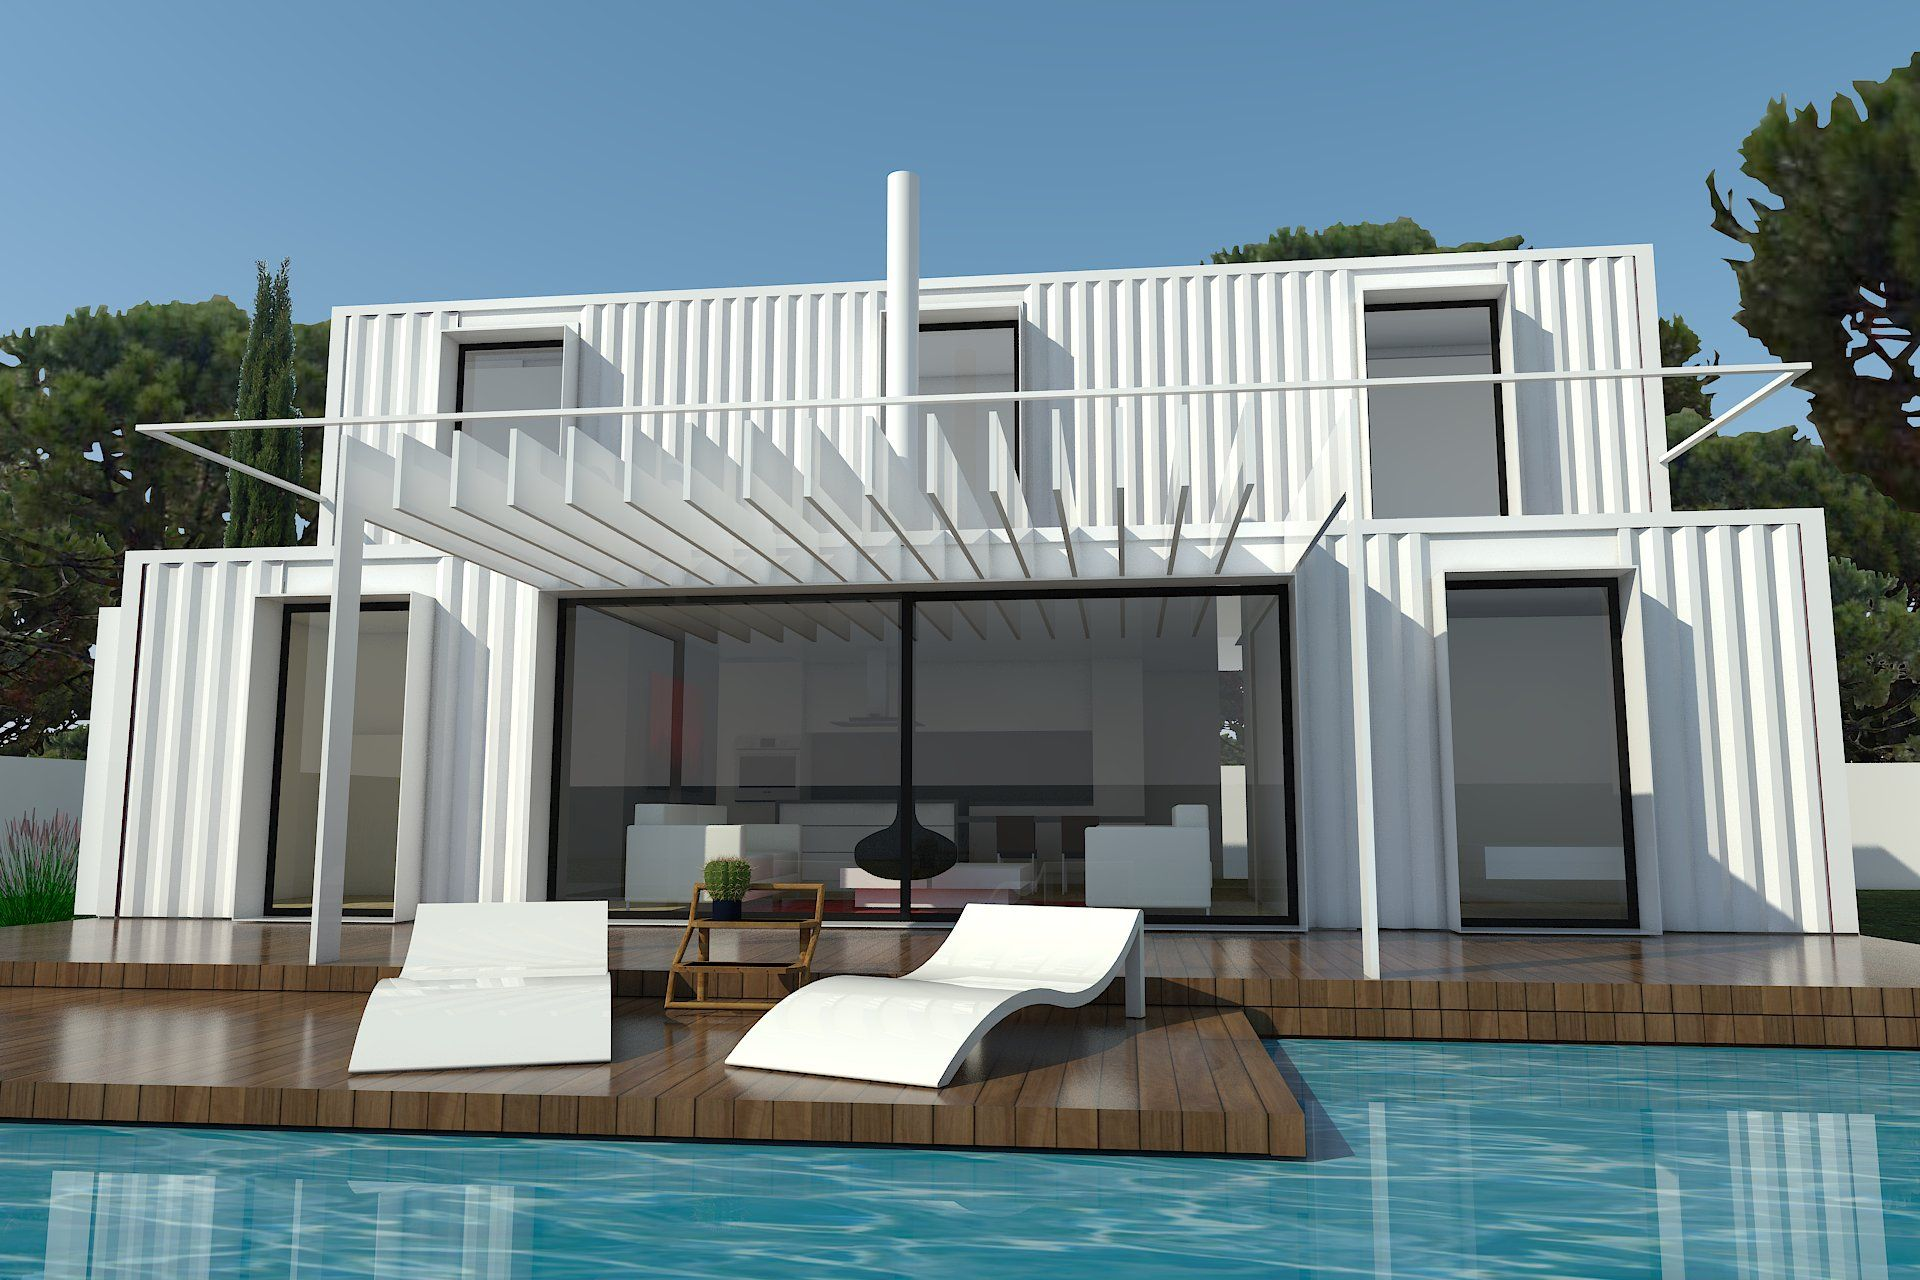 H kub casas prefabricadas en contenedores mar timos mi - Casa de contenedores ...